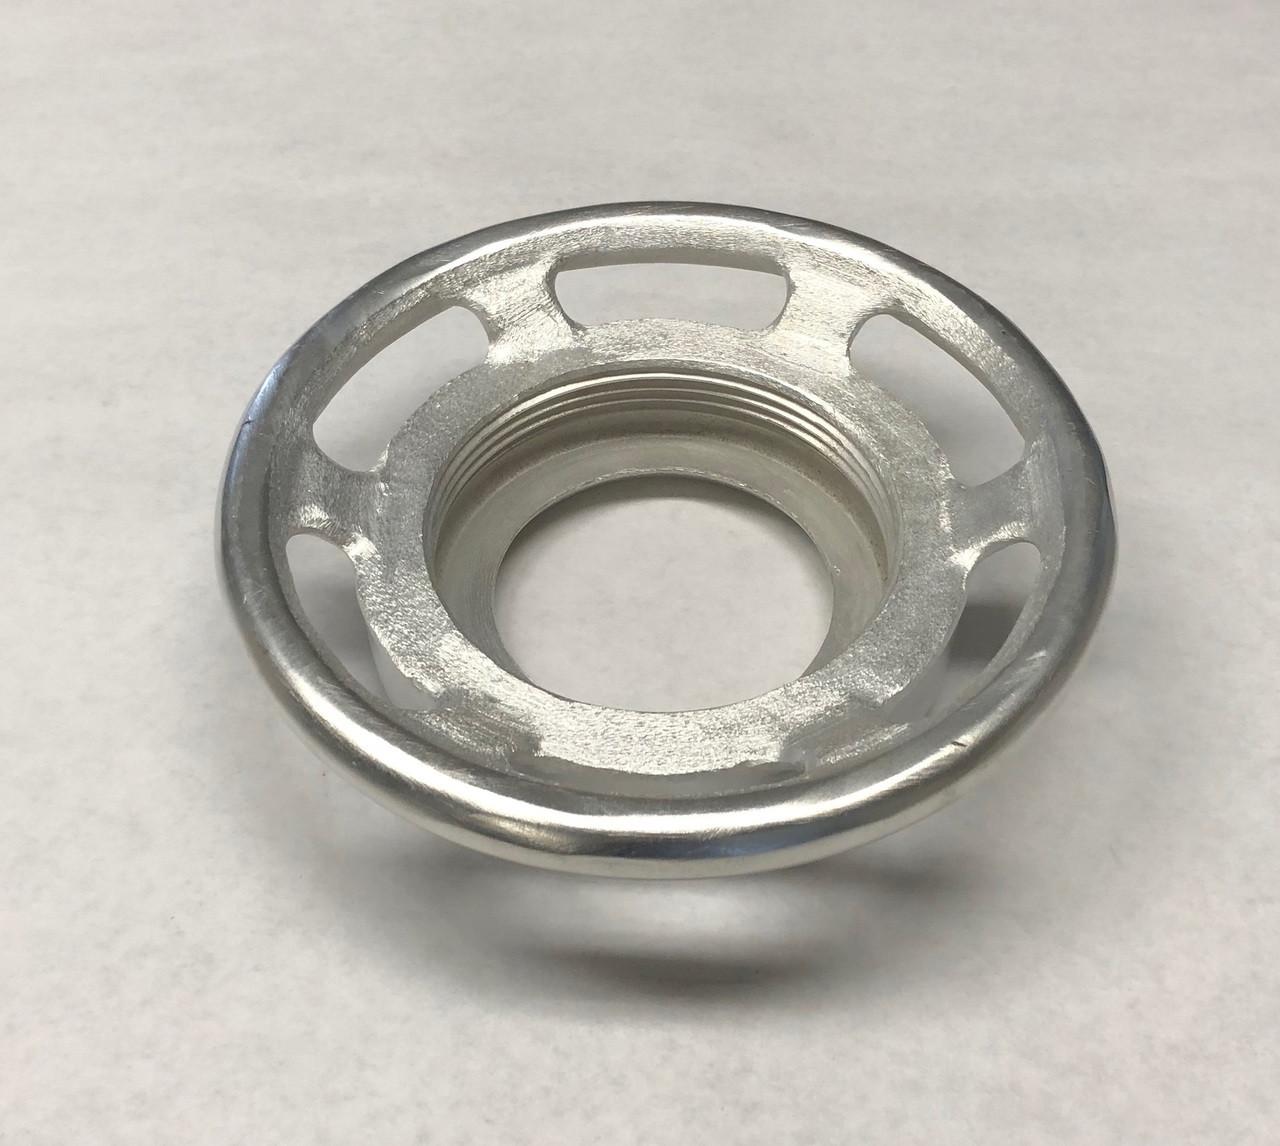 TorRey #32 Ring - 05-70386